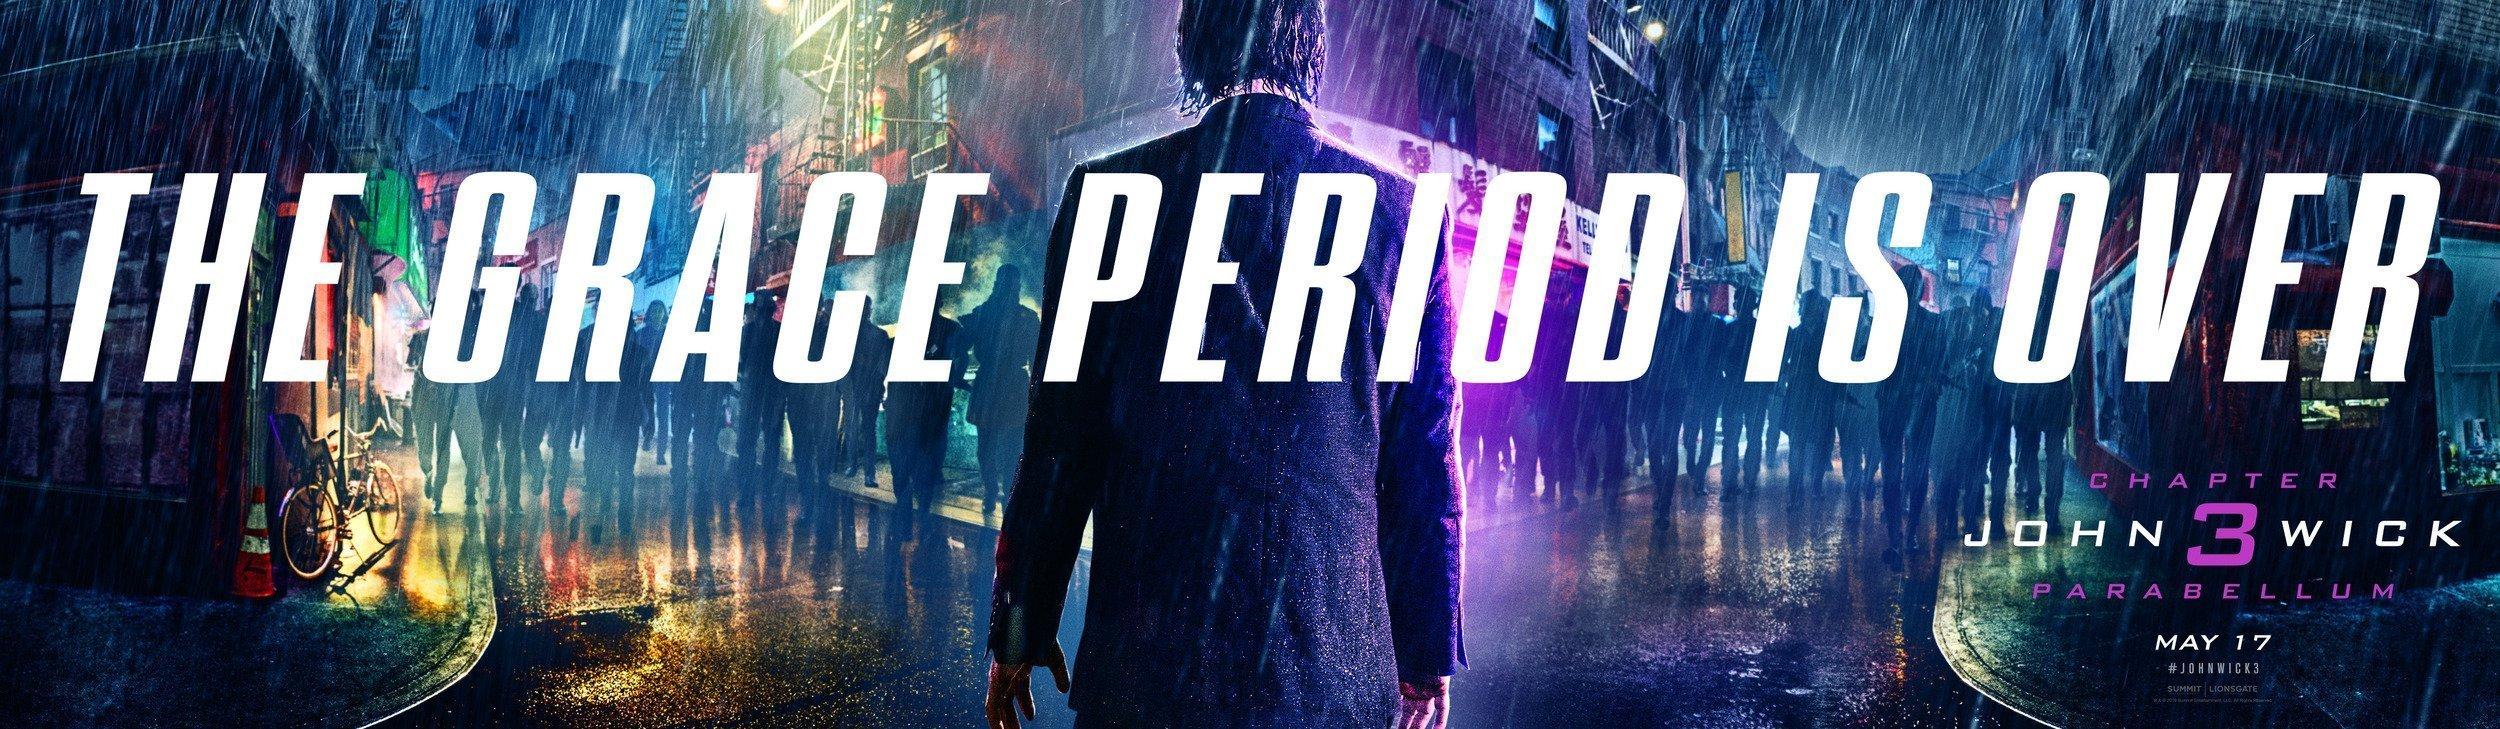 """Bannière du film John Wick Parabellum avec la tagline """"The grace period is over"""""""